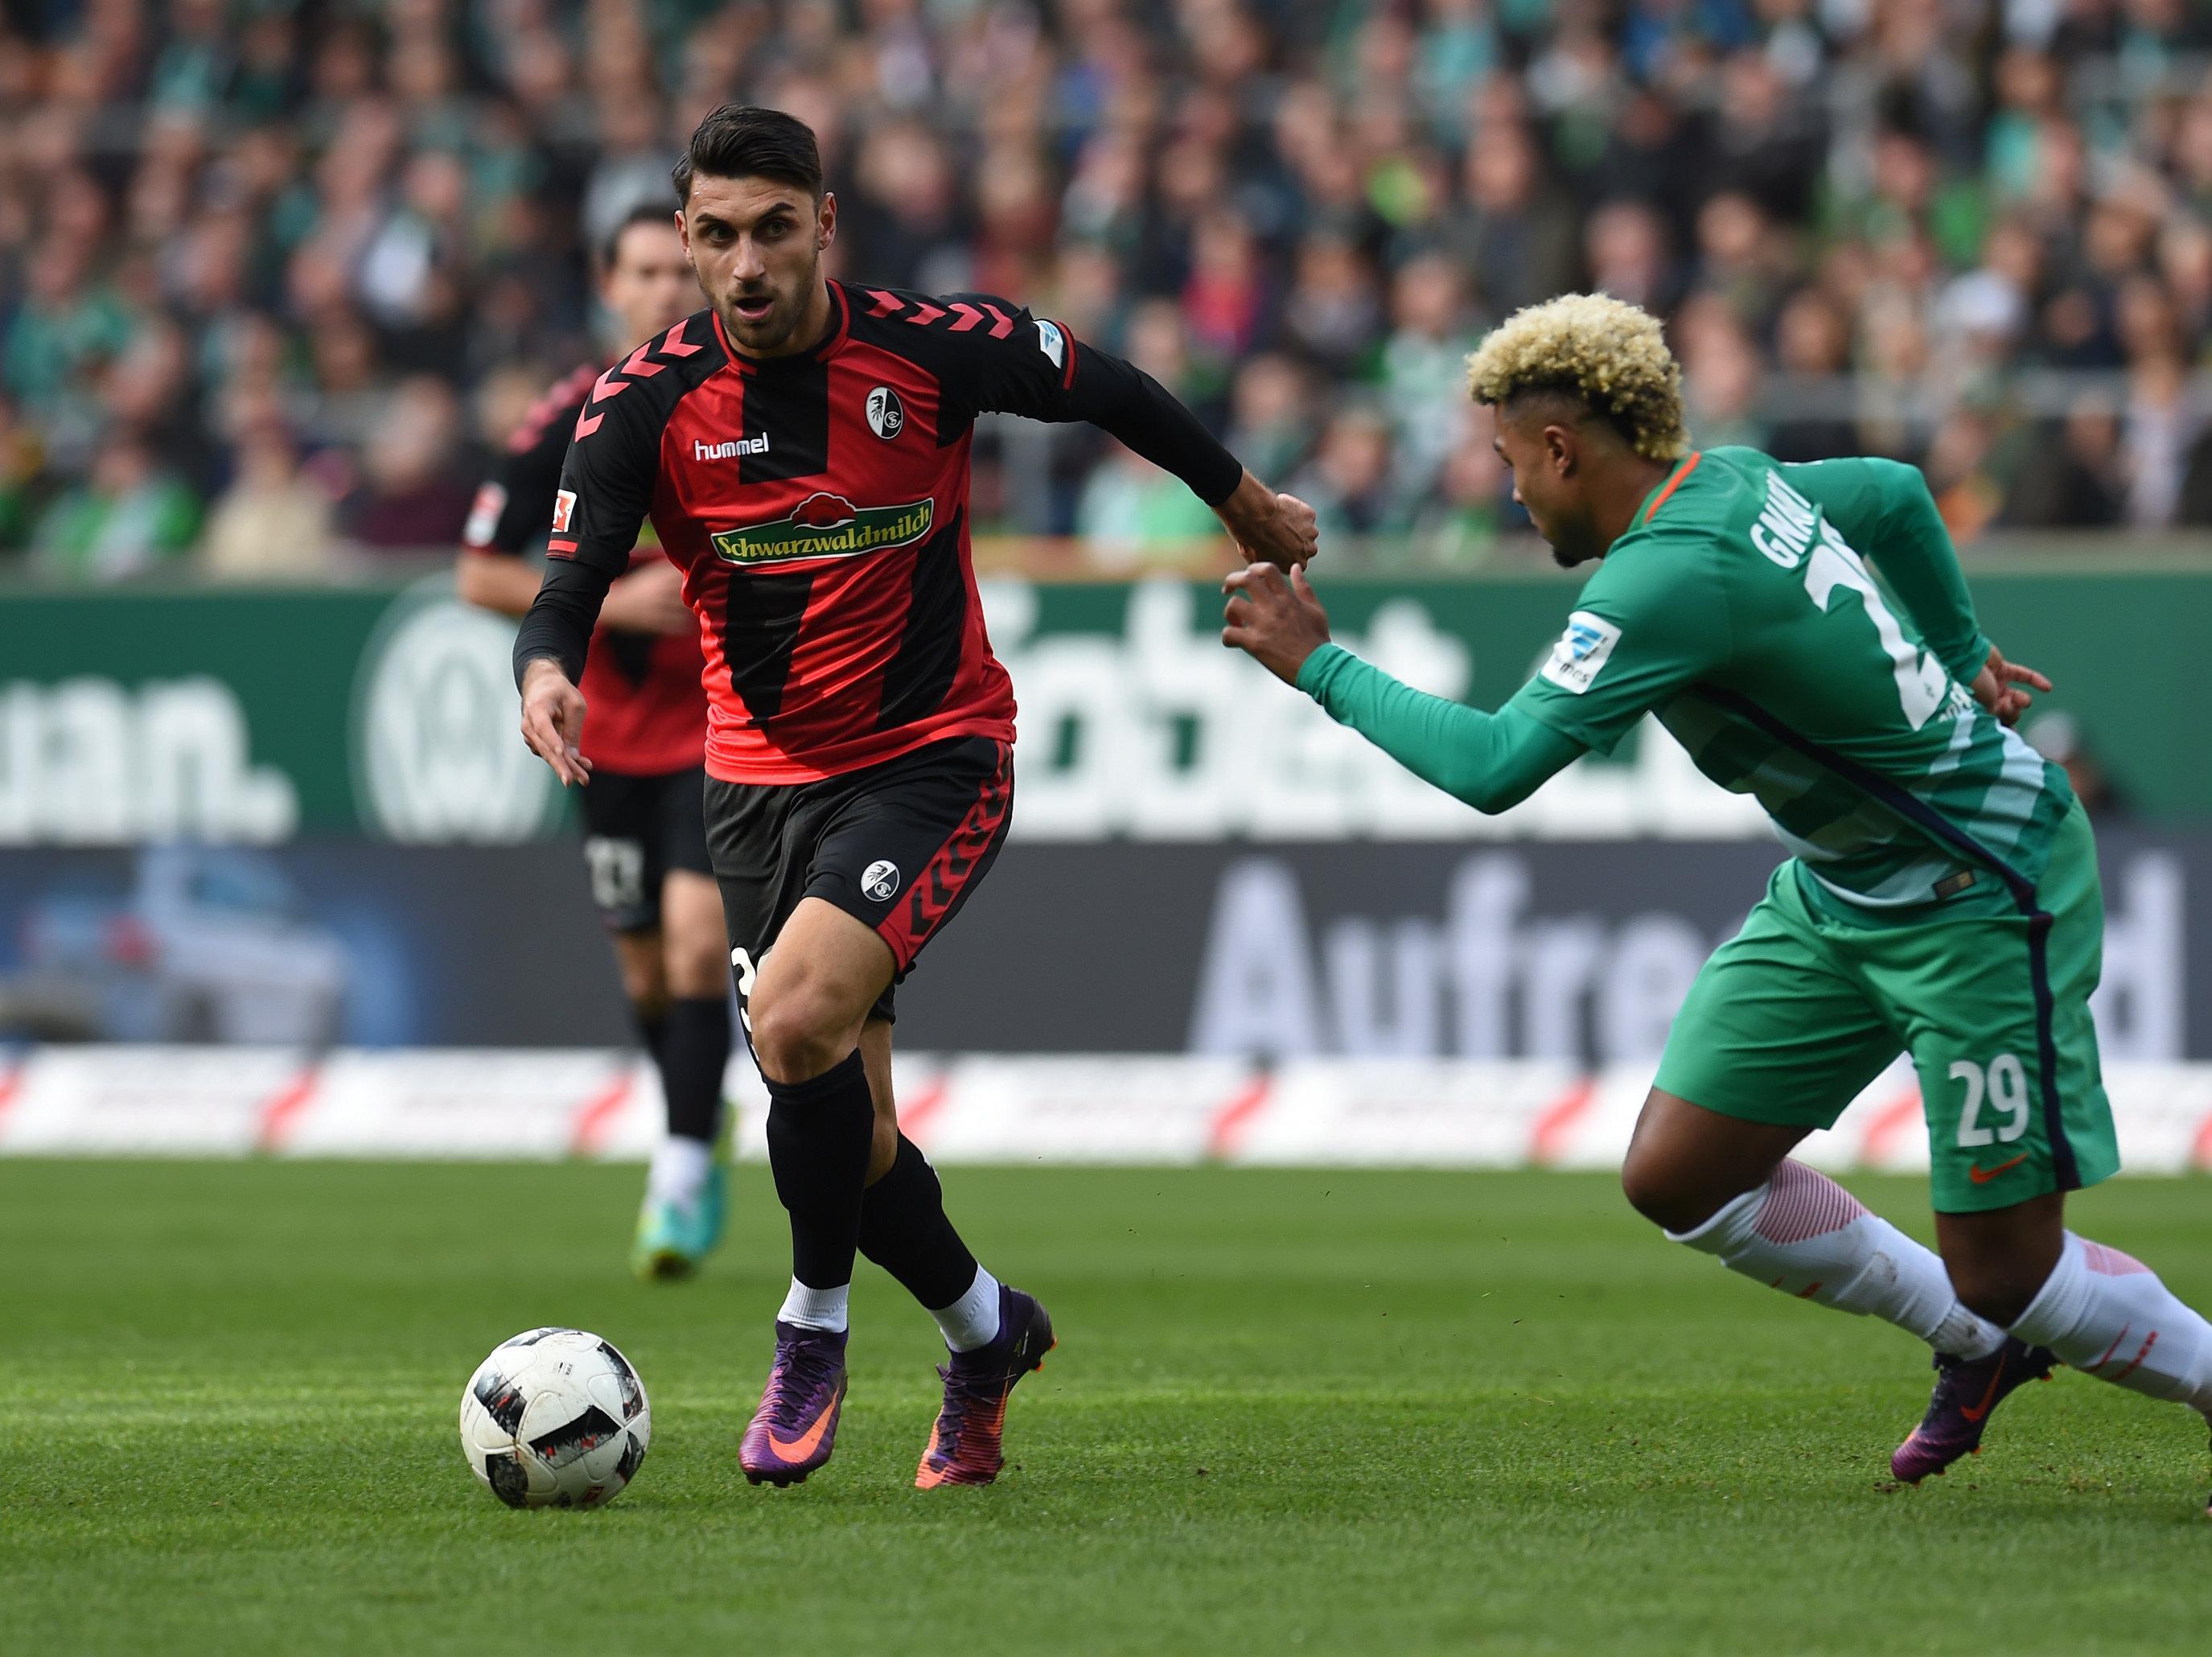 Ausstiegsklausel: Grifo vor Wechsel nach Mönchengladbach